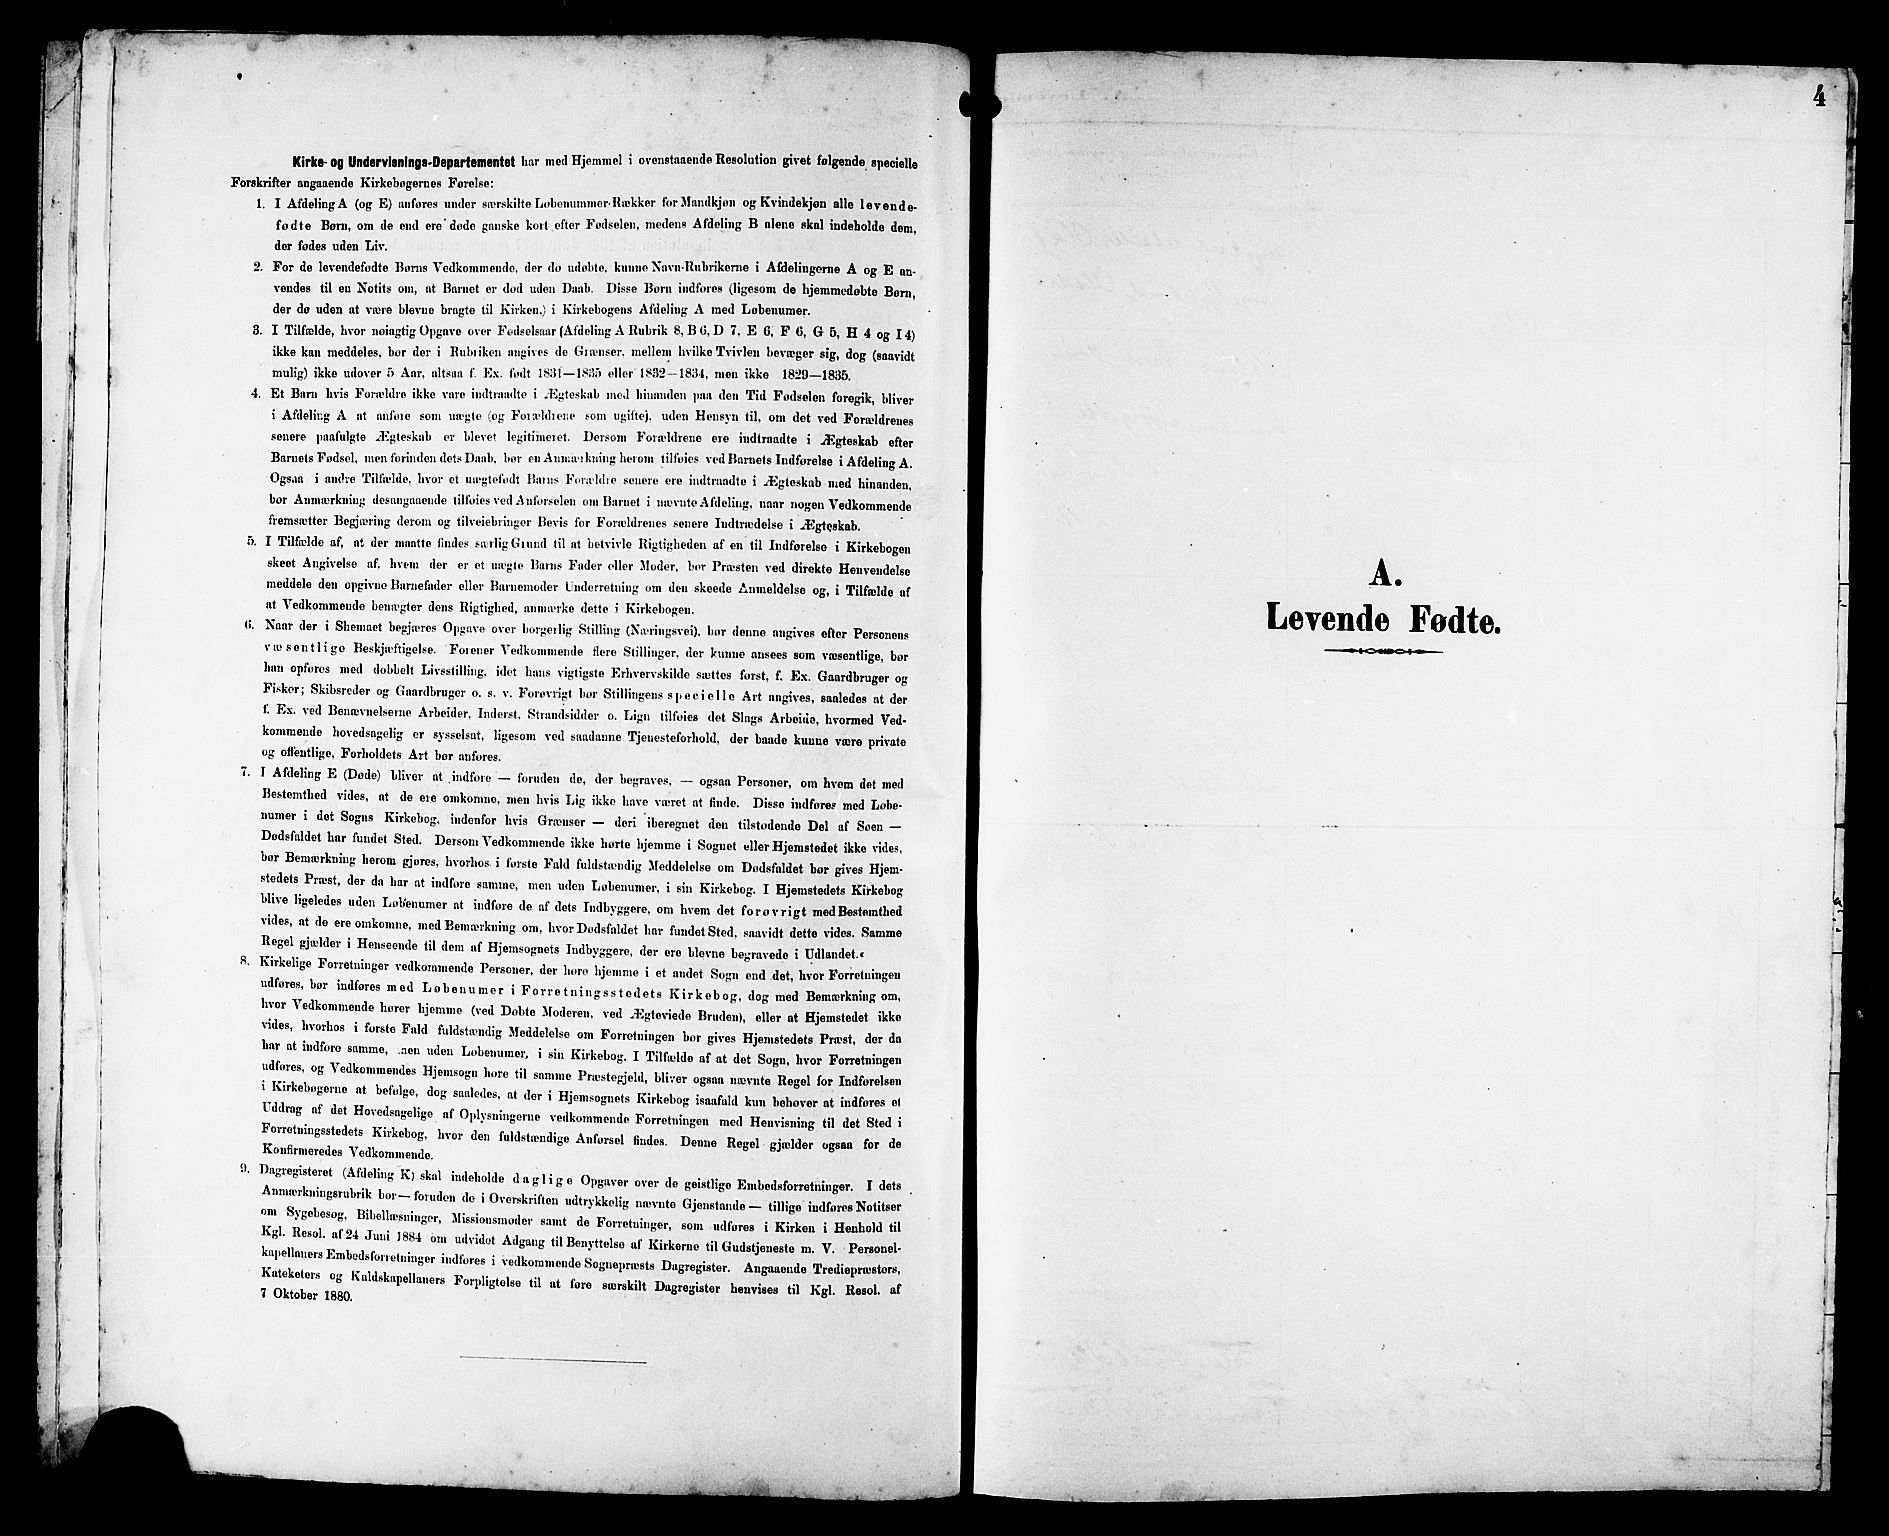 SAT, Ministerialprotokoller, klokkerbøker og fødselsregistre - Sør-Trøndelag, 662/L0757: Klokkerbok nr. 662C02, 1892-1918, s. 4